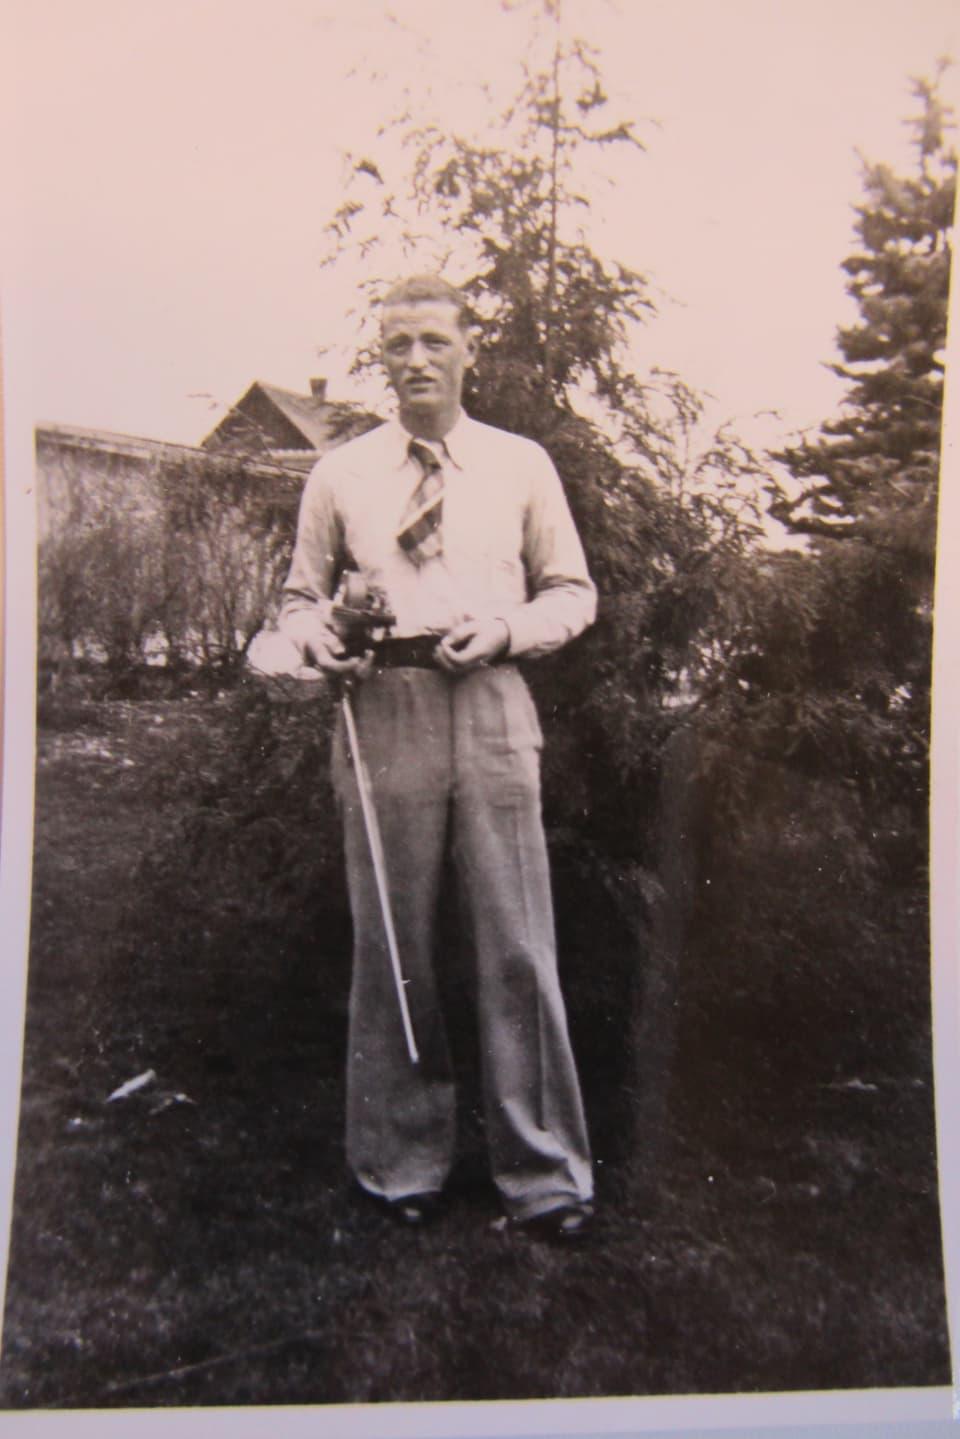 Ernst S. in Schale und mit einer Geige in der Hand